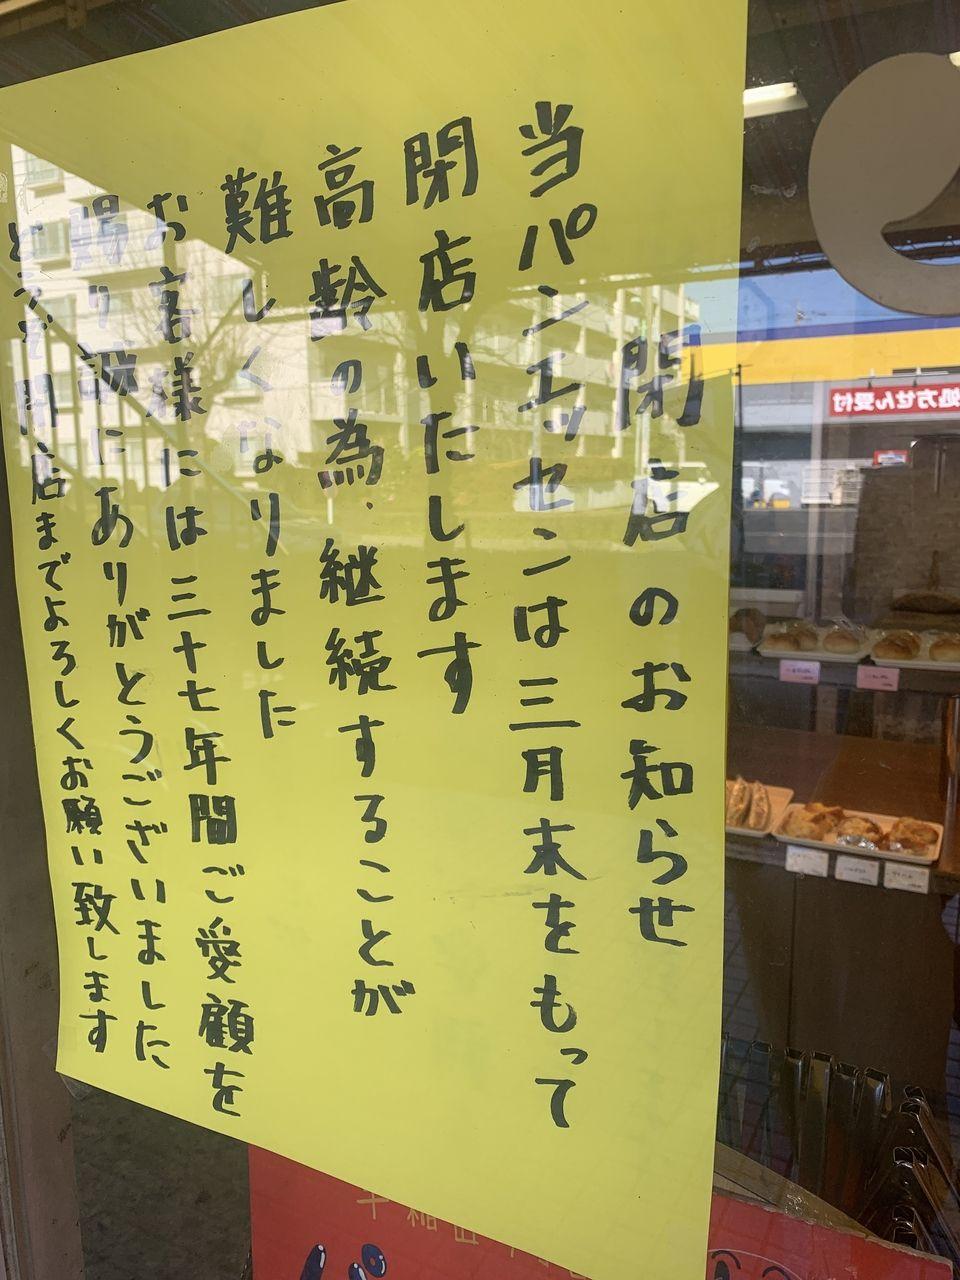 【三郷市食べ歩きブログ】三郷市早稲田7丁目にある「パンエッセン」が3月末で閉店するようです・・・